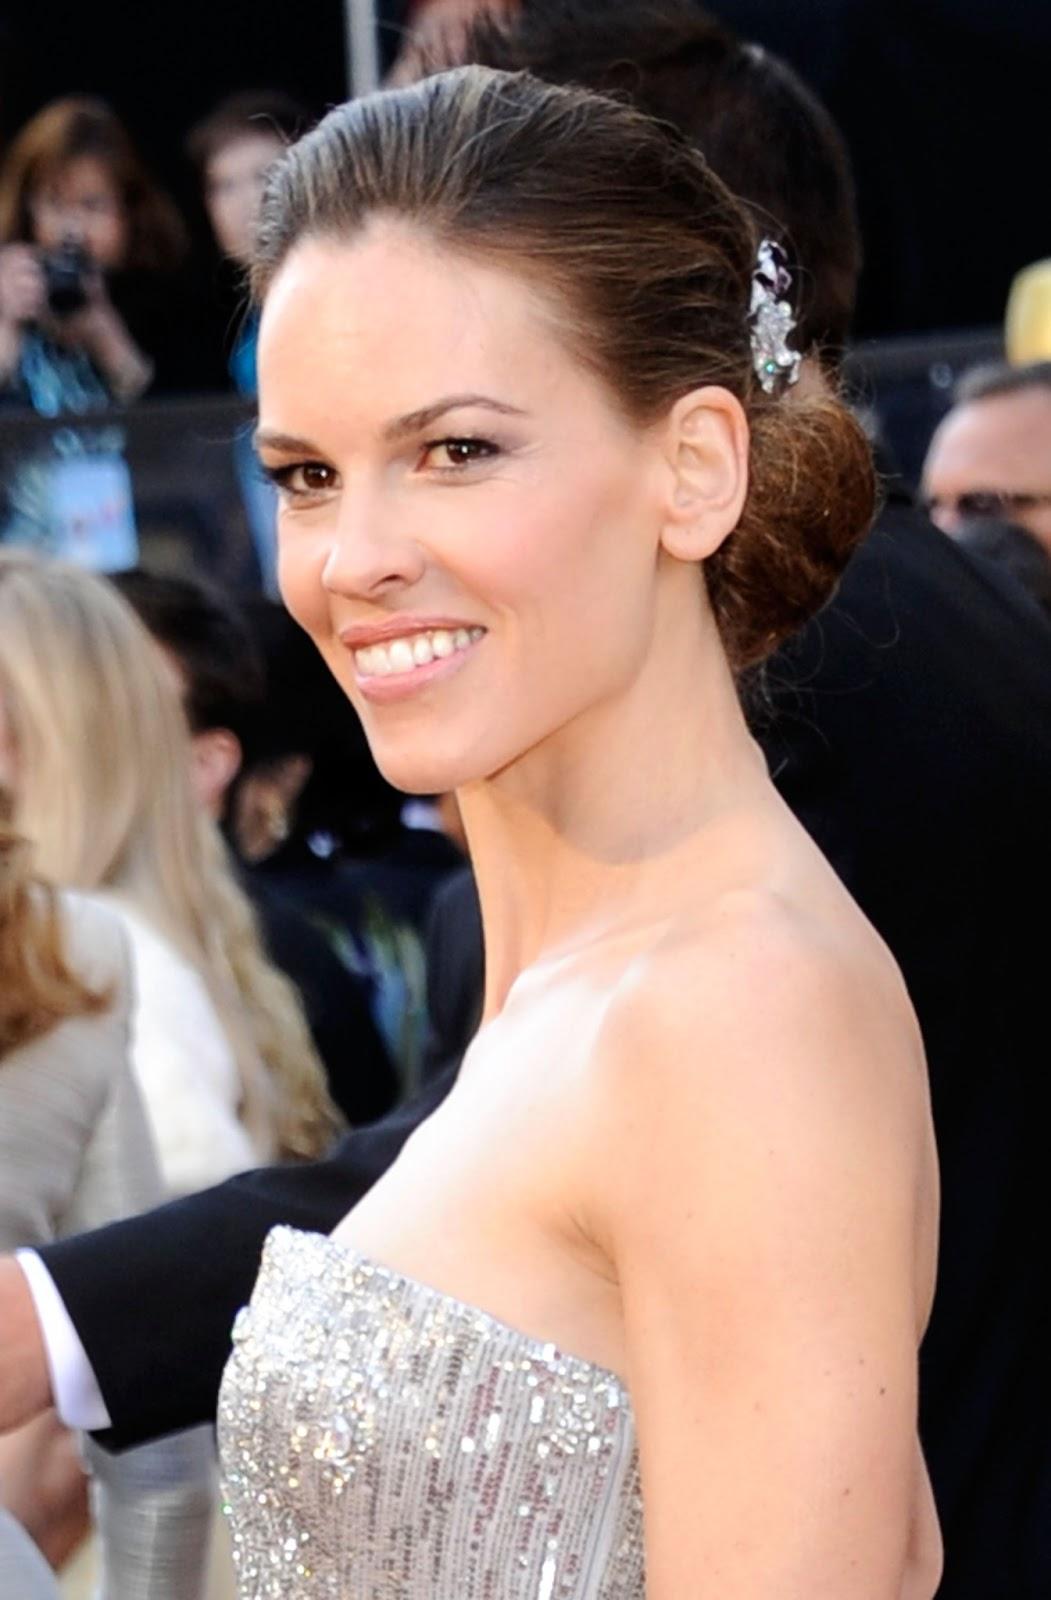 http://2.bp.blogspot.com/-qoEqobWtrFc/URAMc2nXR5I/AAAAAAAAlwk/sA1SIXUiUJE/s1600/HilarySwank_Oscars.jpg